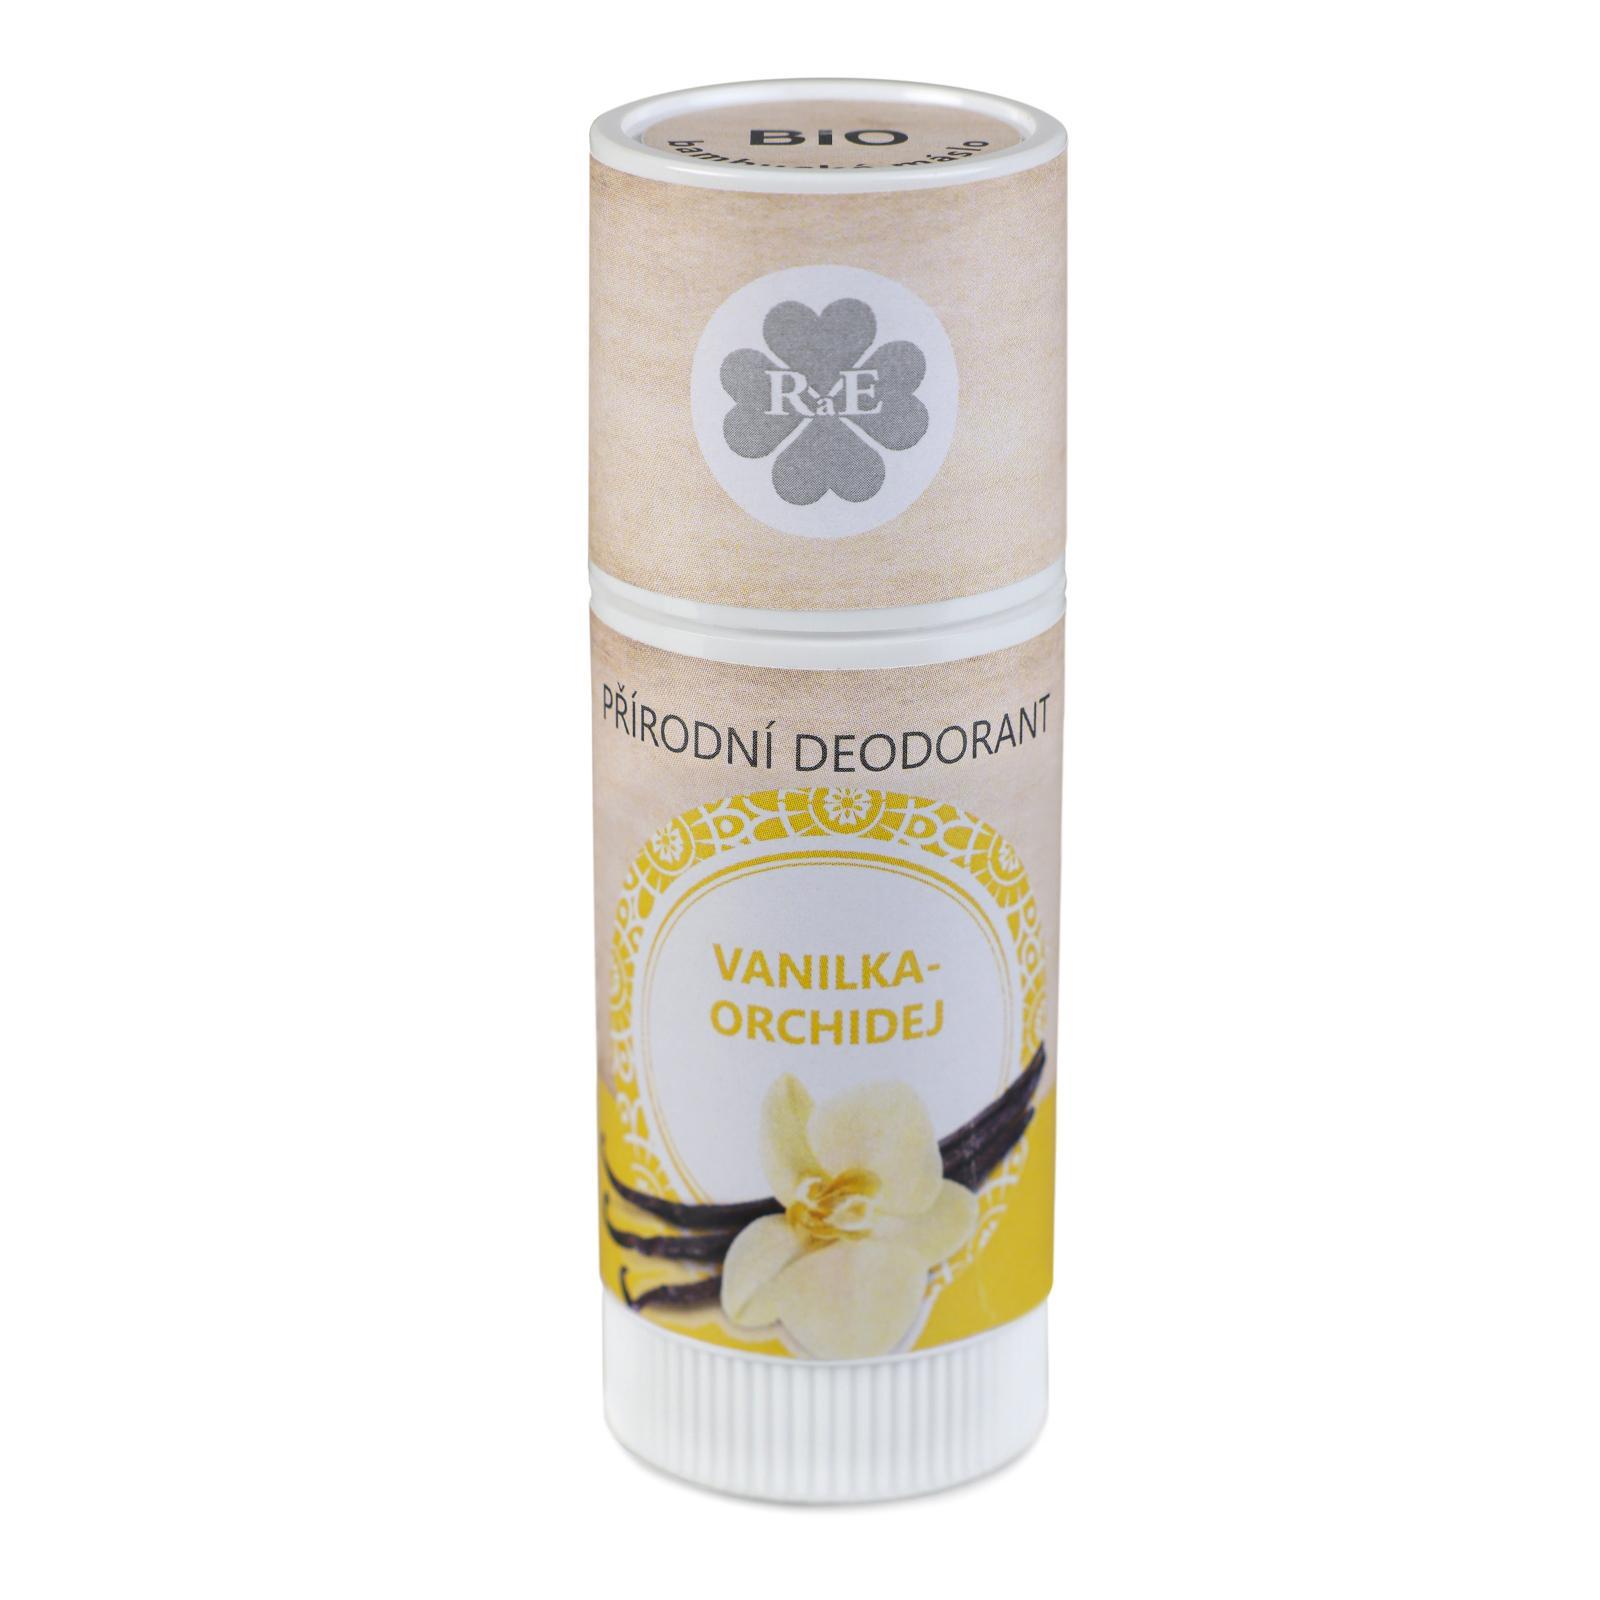 RaE Přírodní deodorant s vůní vanilky a orchideje 25 ml